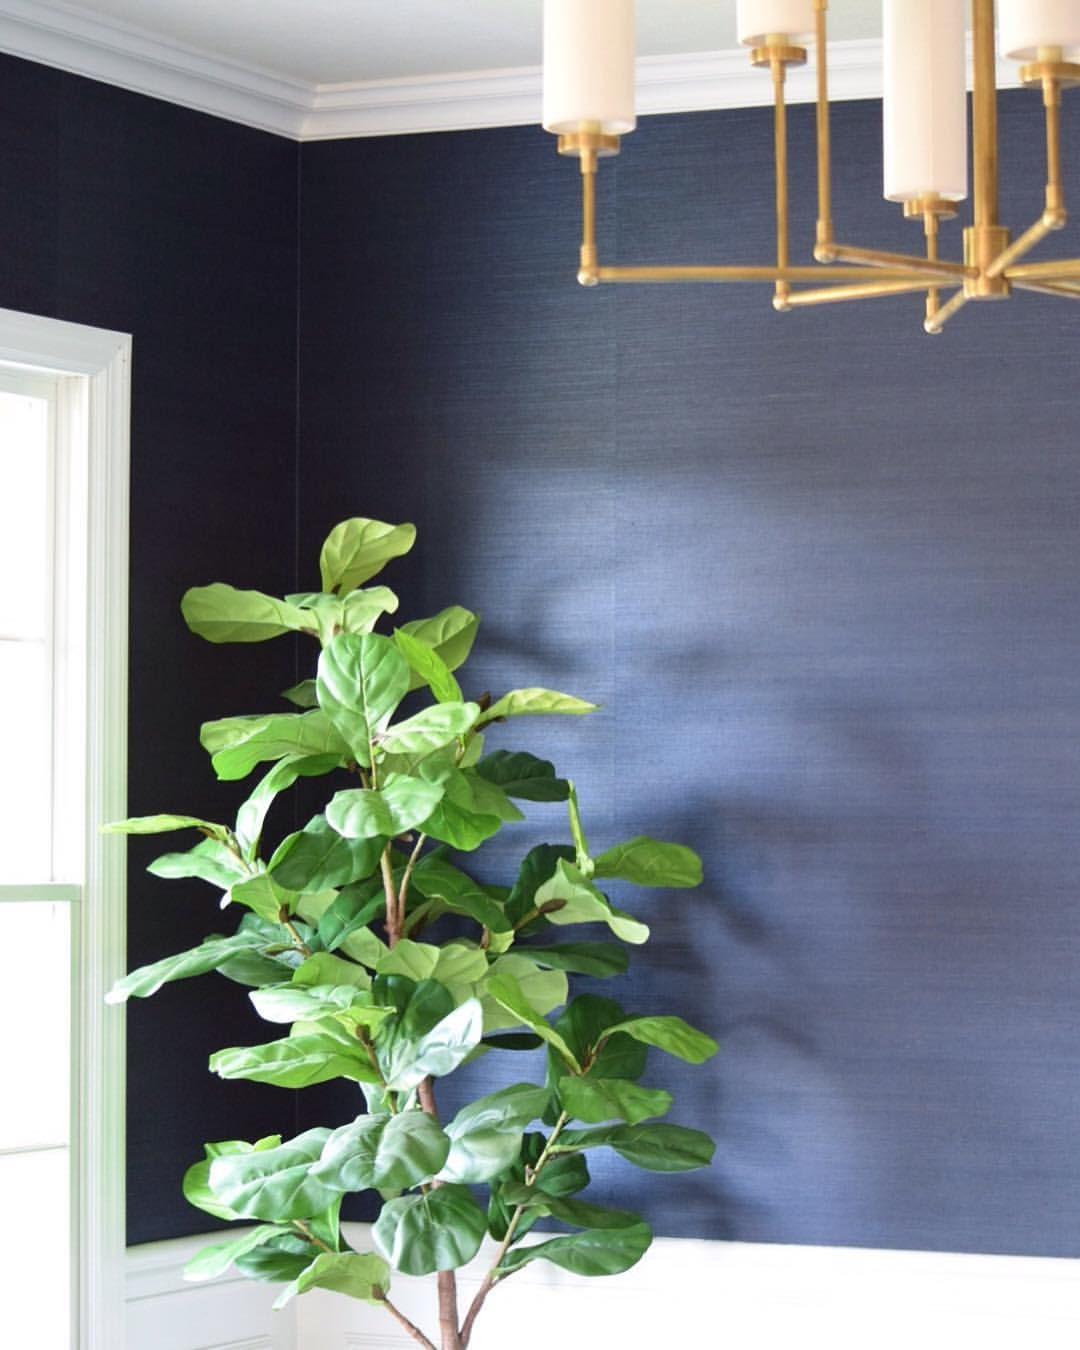 Dining Room Navy Grasscloth Wallpaper, Navy Grasscloth Wallpaper Dining Room